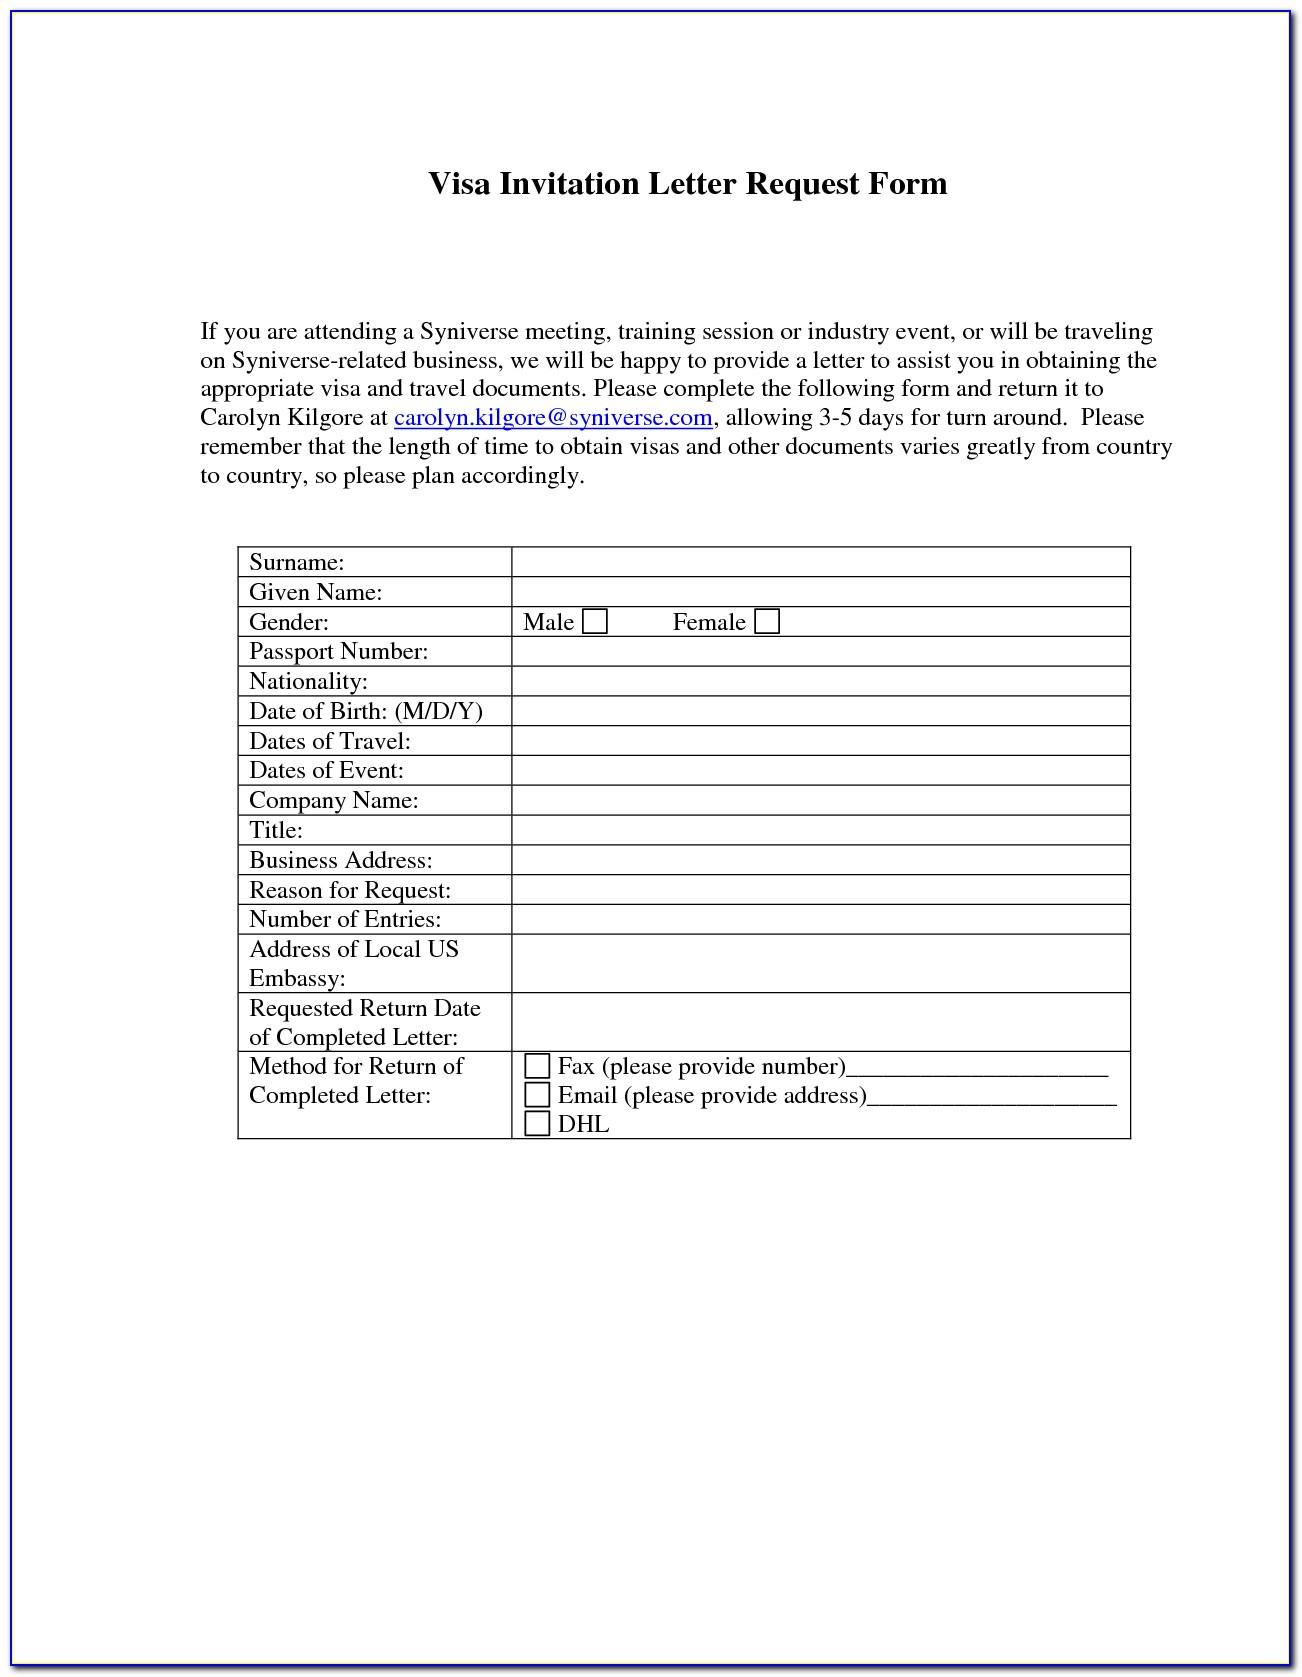 Visa Invitation Form Usa